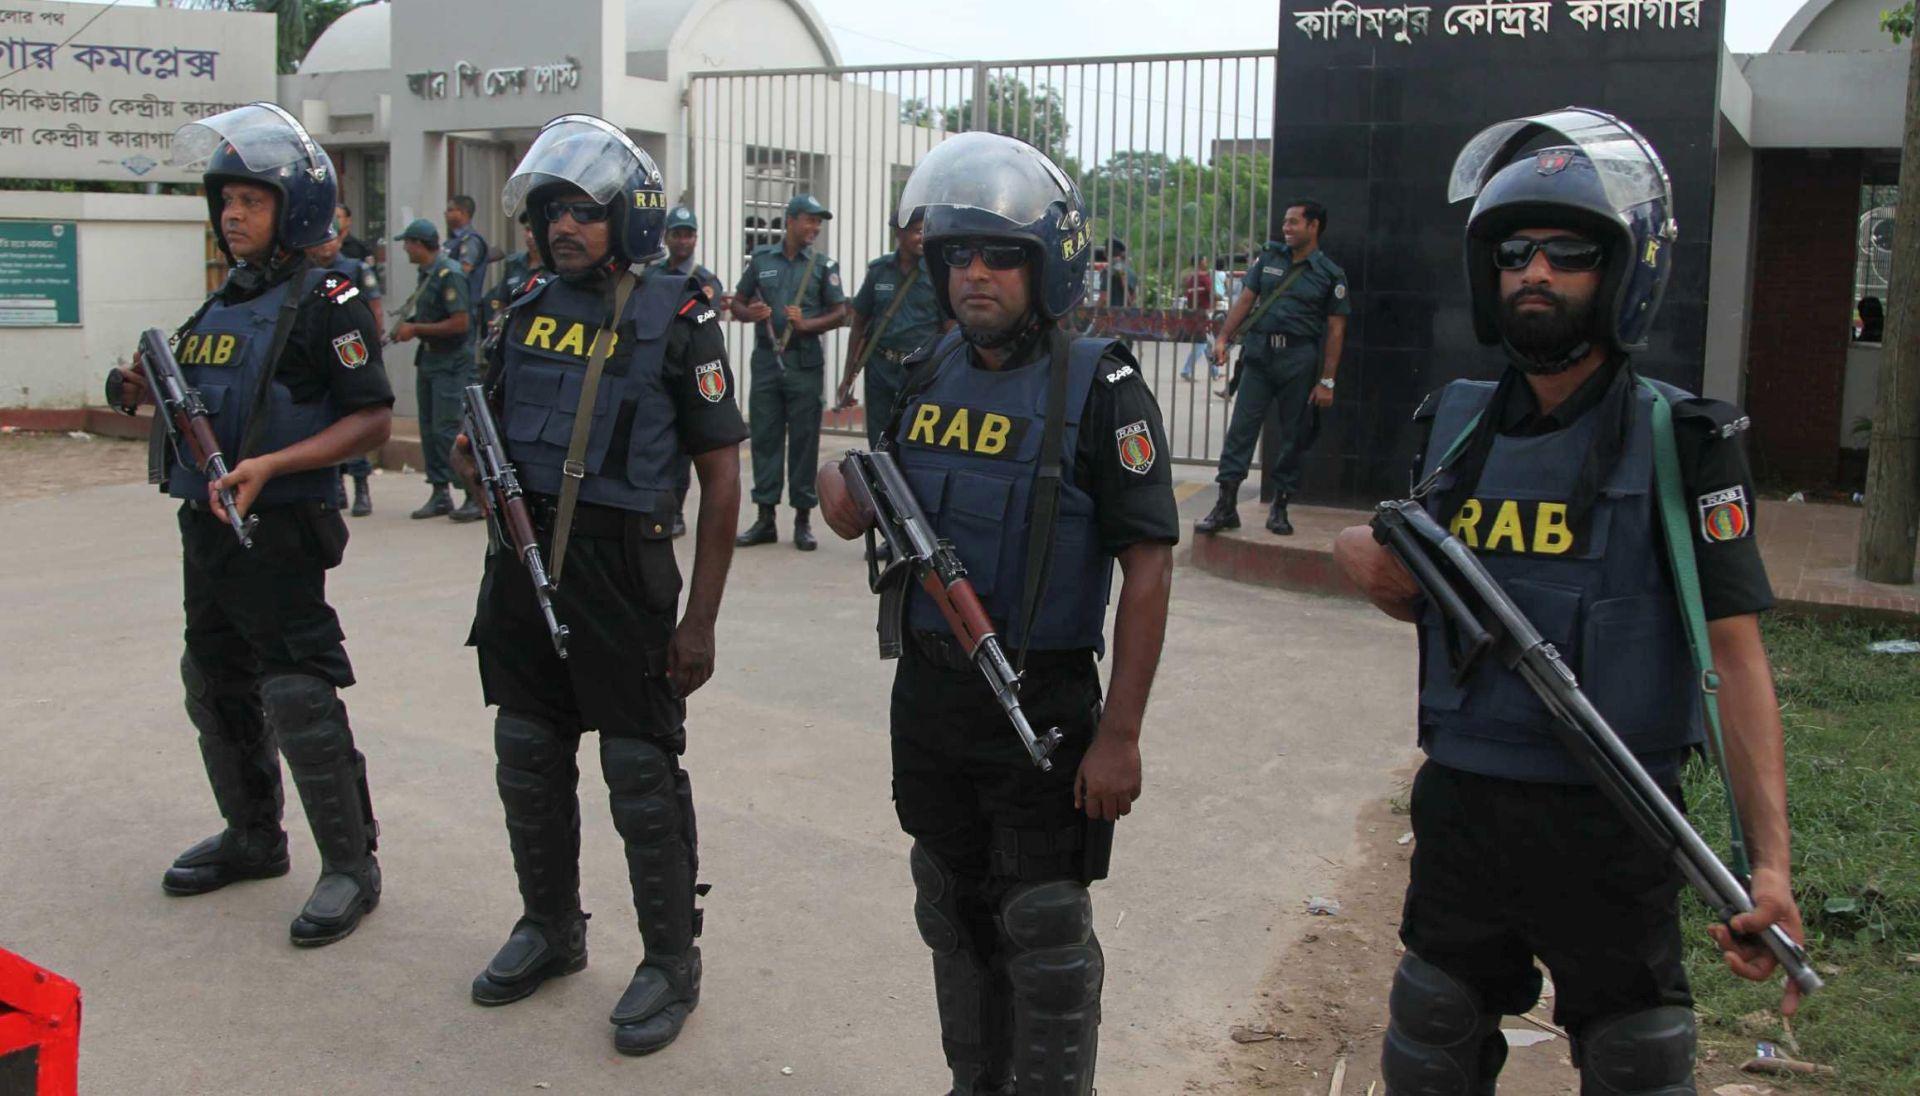 ZLOČINE PLATIO VJEŠANJEM: U Bangladešu pogubljen islamistički čelnik